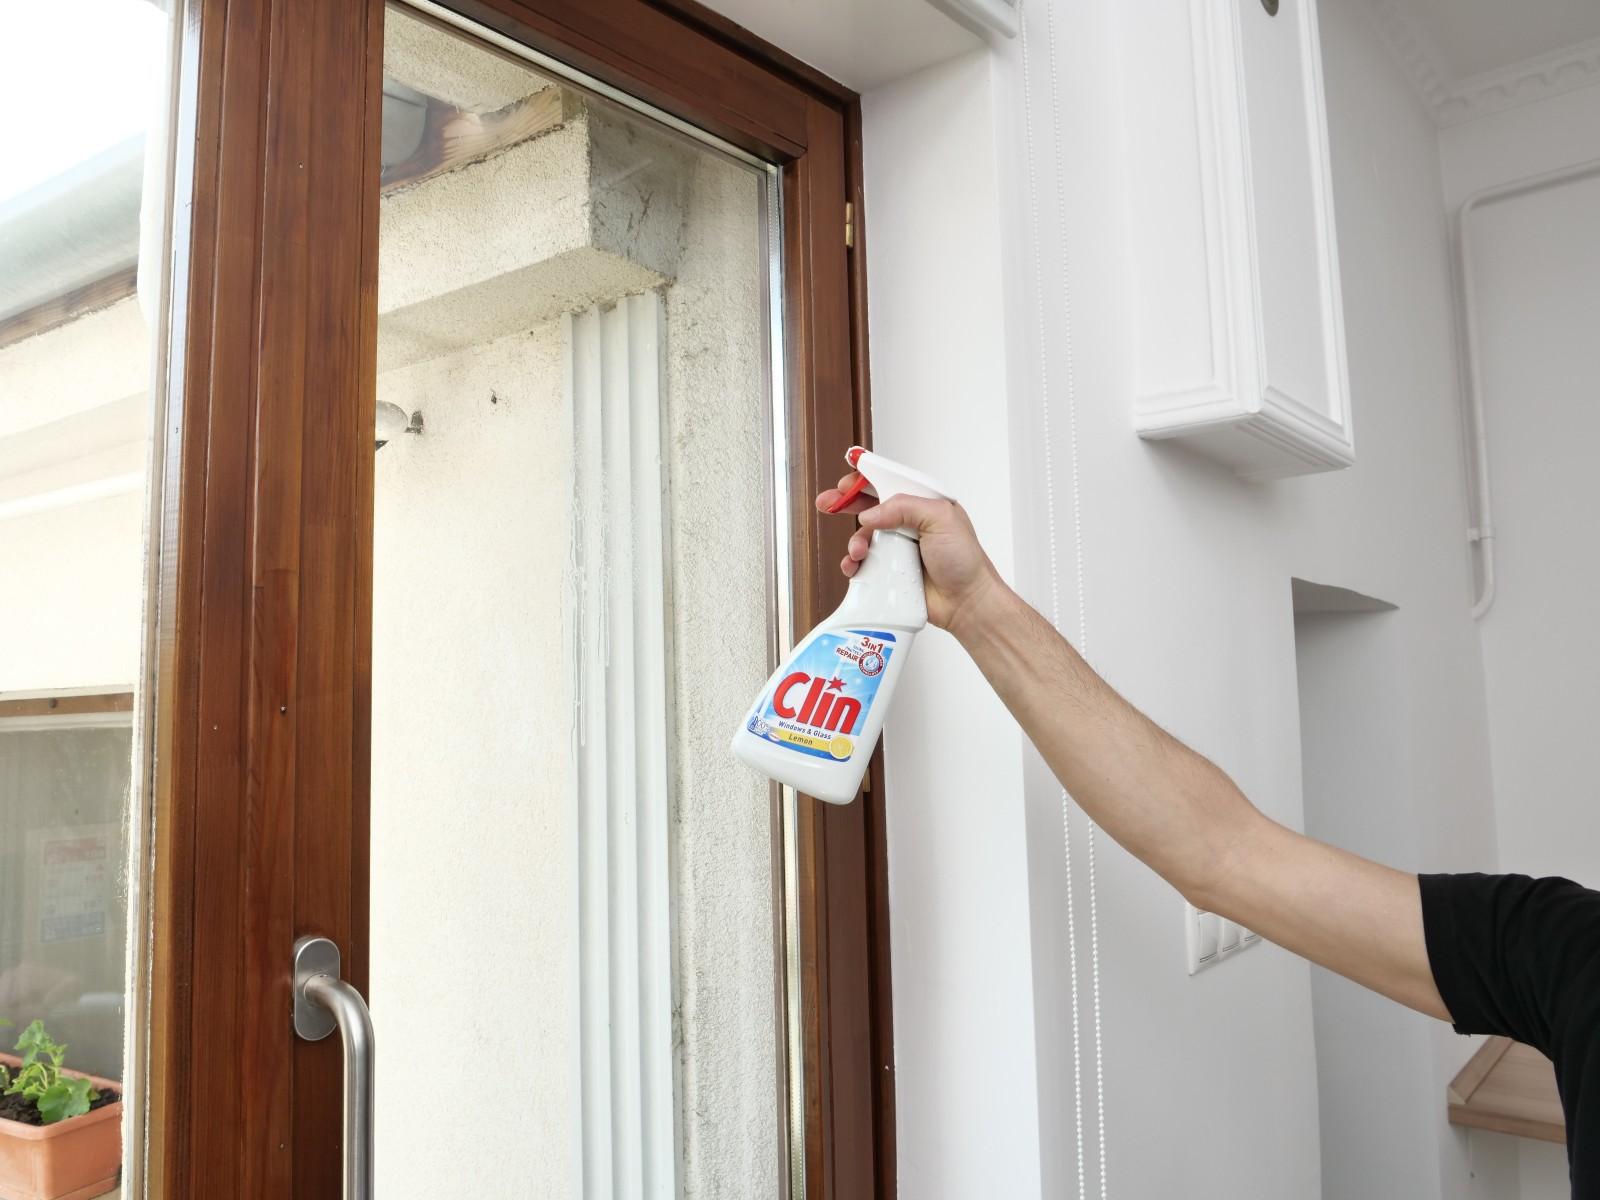 A fólia felragasztása előtt tökéletesen tisztítsuk meg az ablakot mindenféle szennyeződéstől.